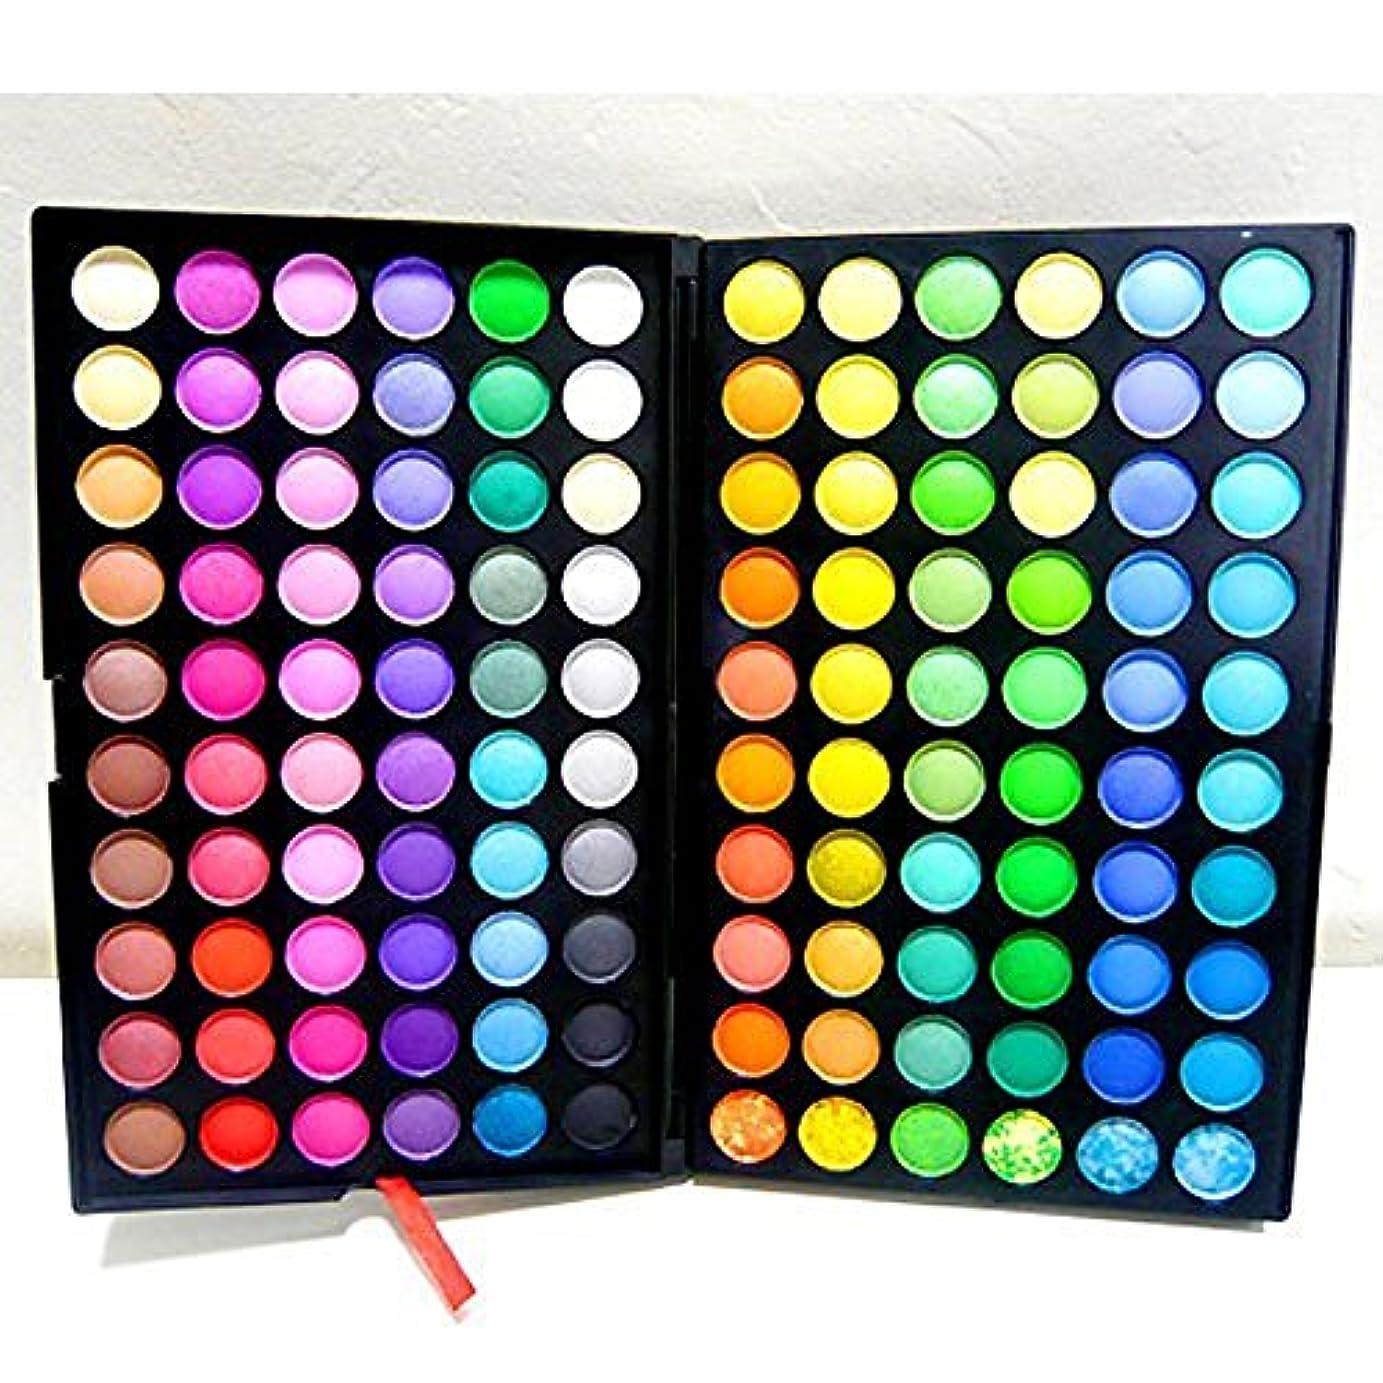 選挙永続論争入荷しました【LuxuryRose】発色が素晴らしい!120カラーアイシャドウパレット